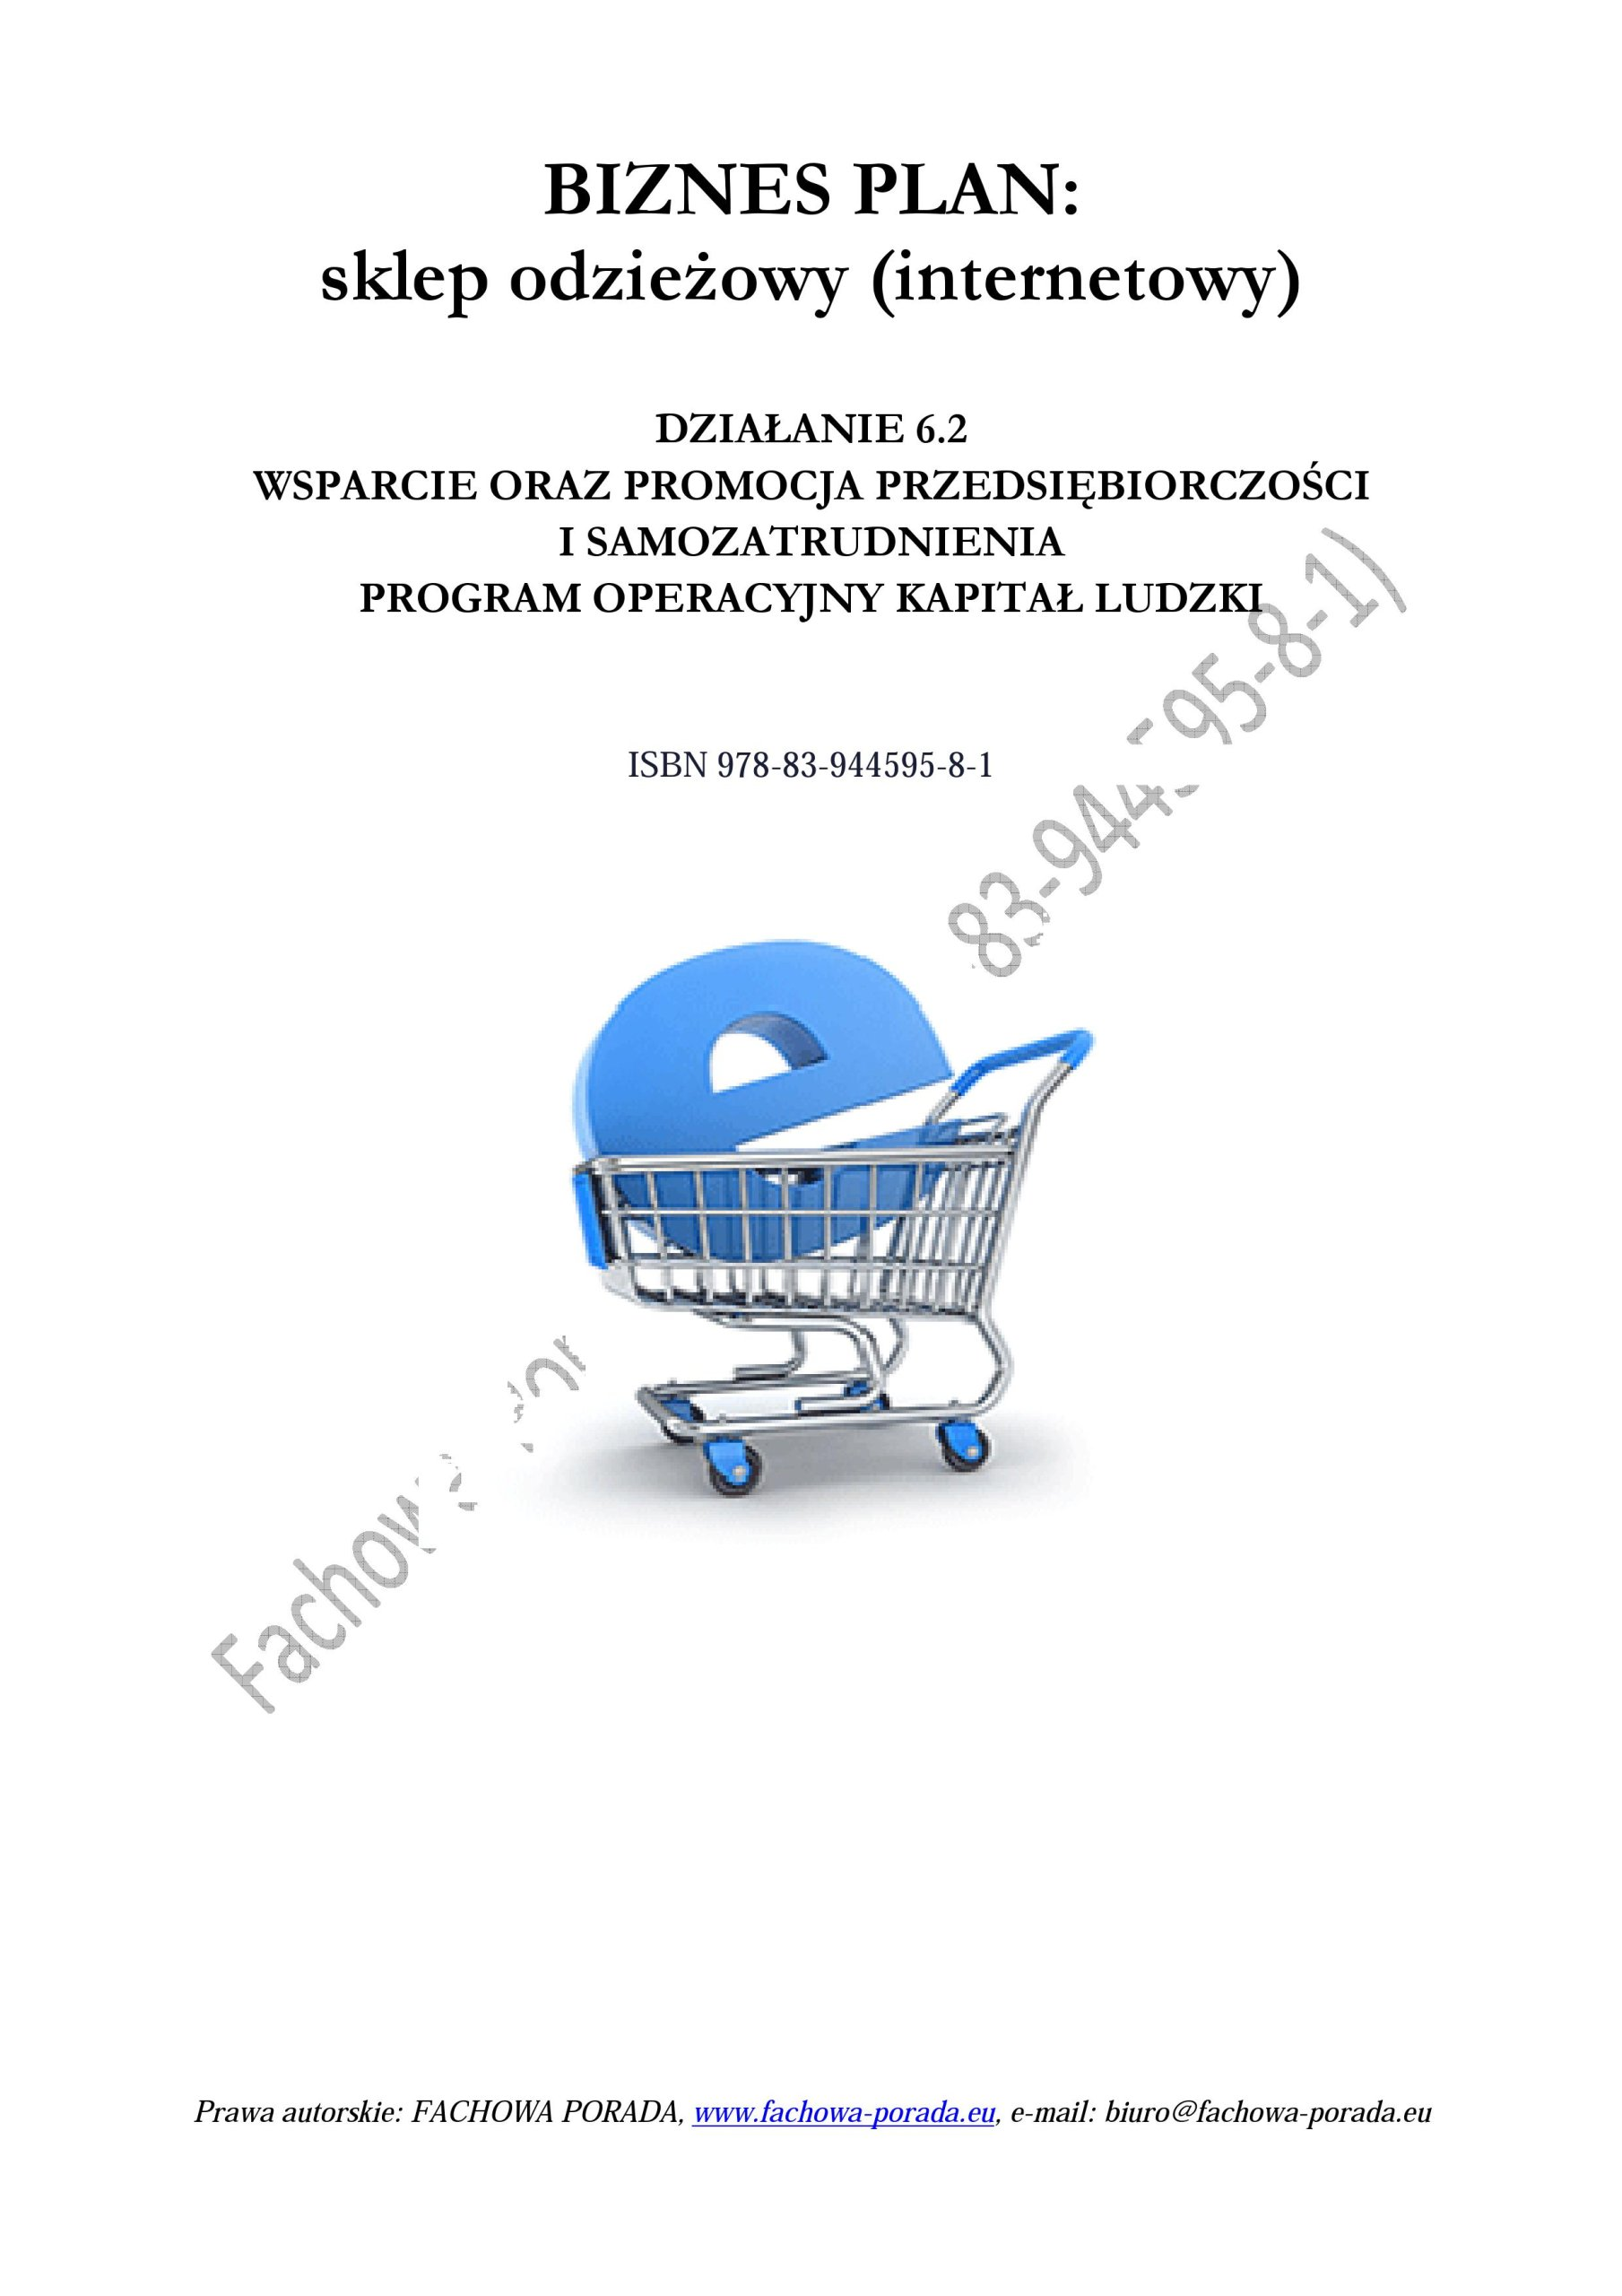 602e040c4eab2d BIZNESPLAN -WNIOSEK sklep odzieżowy (internetowy) 6876882932 - Allegro.pl